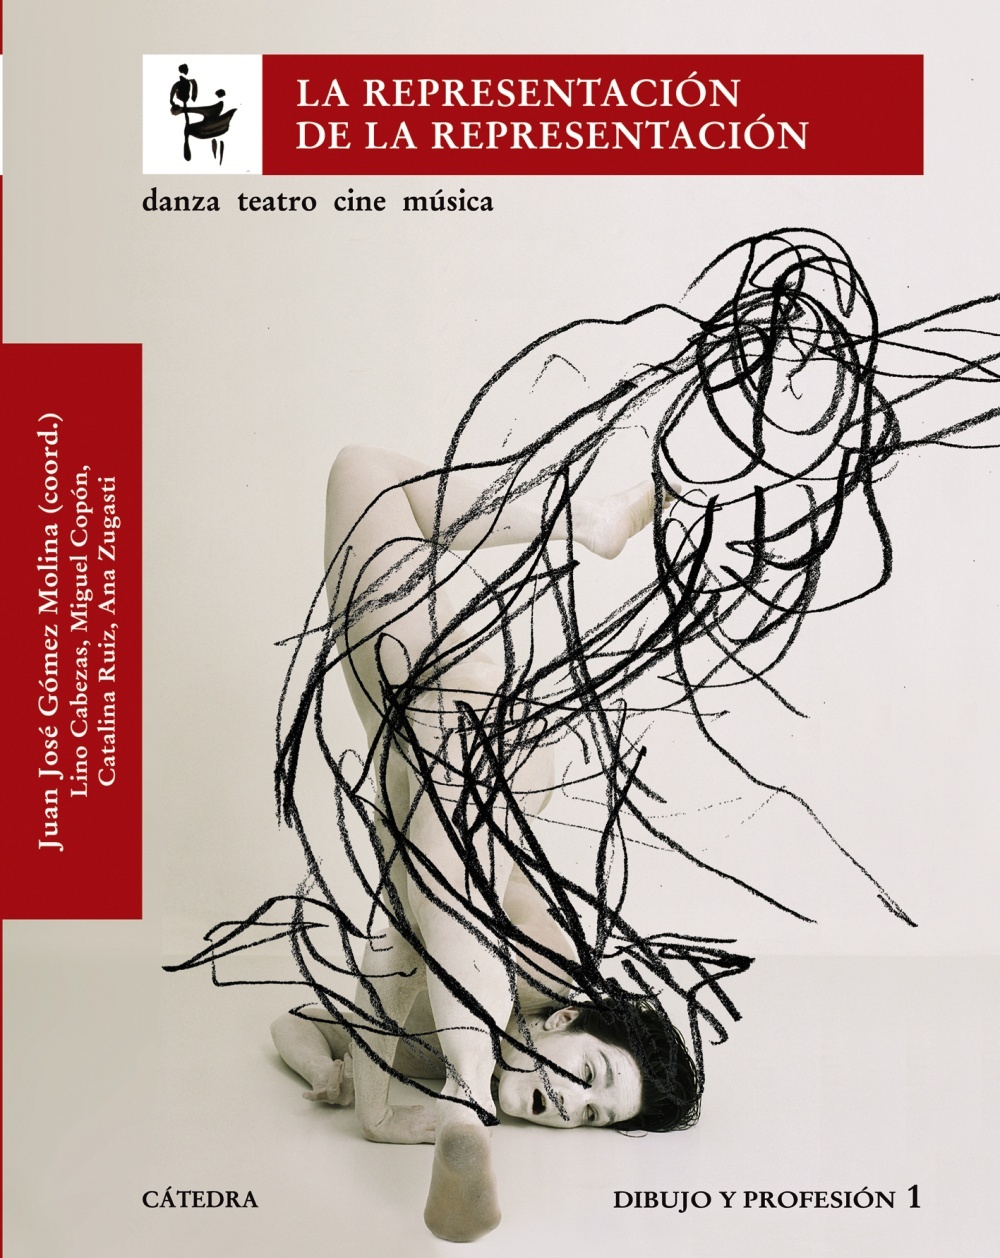 LA REPRESENTACIÓN DE LA REPRESENTACIÓN : DANZA, TEATRO, CINE, MÚSICA, DIBUJO Y PROFESIÓN 1